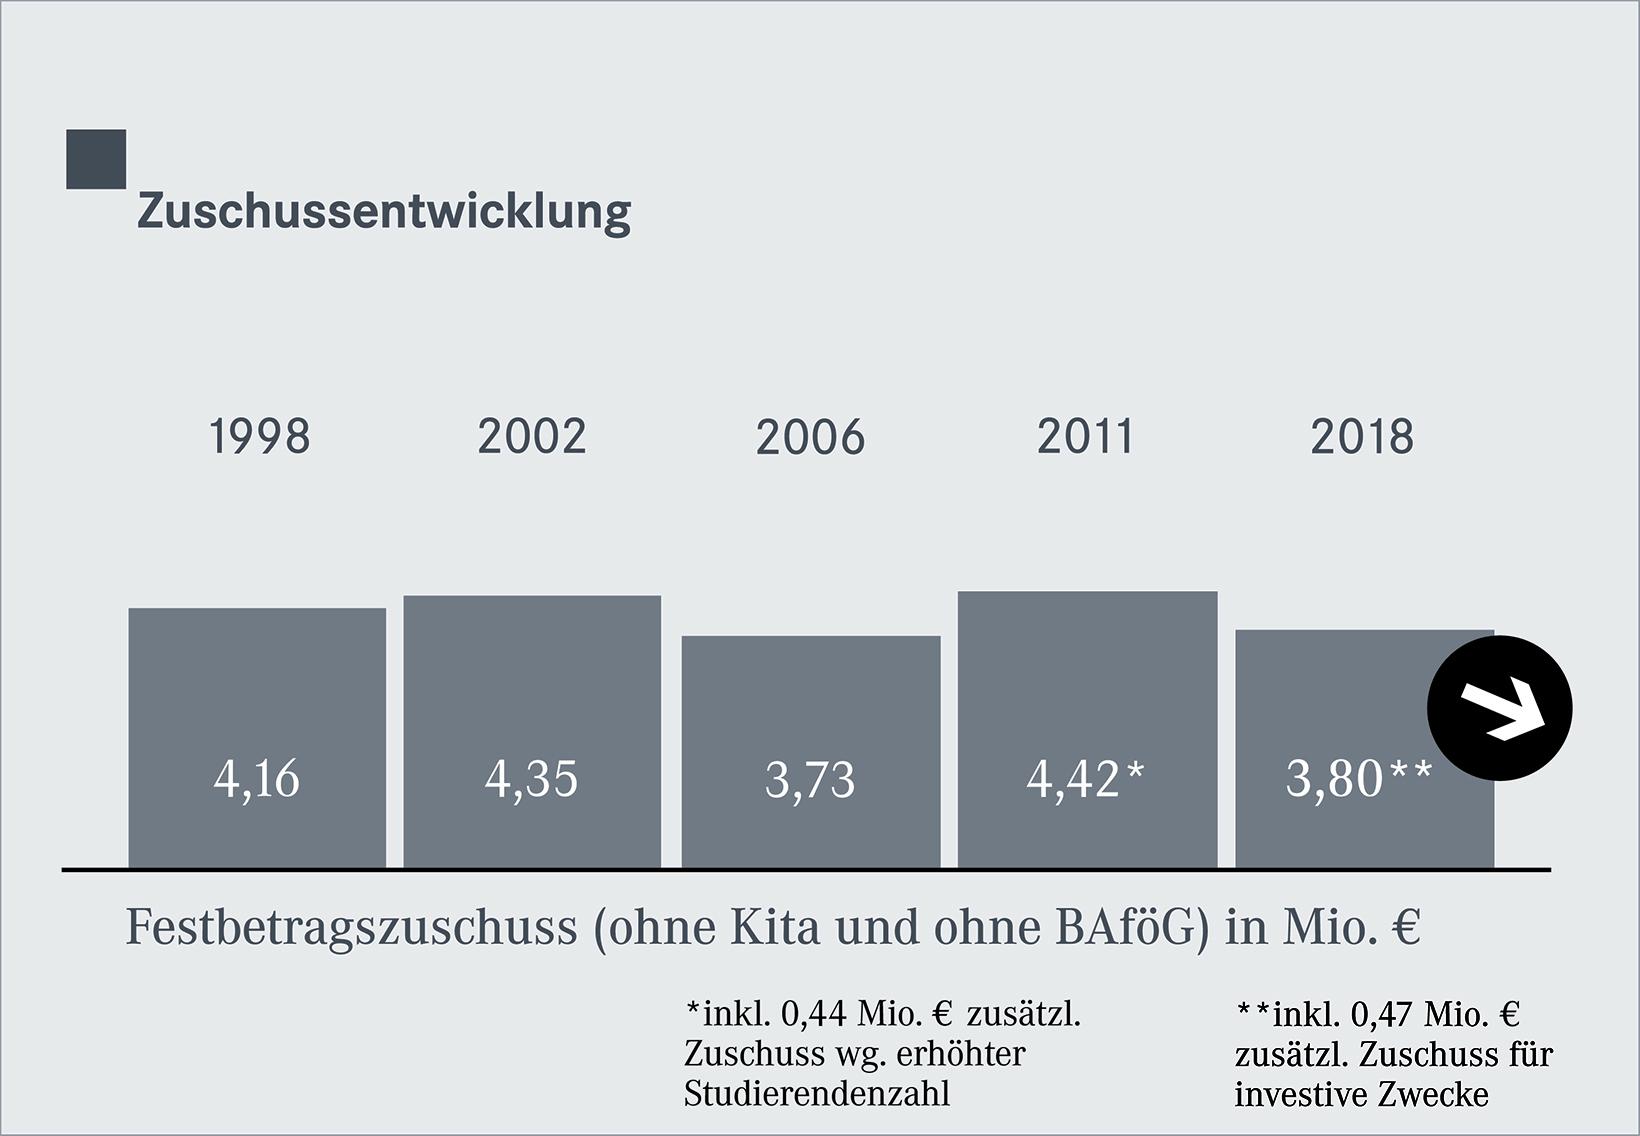 Zuschusszahlen 1998-2018